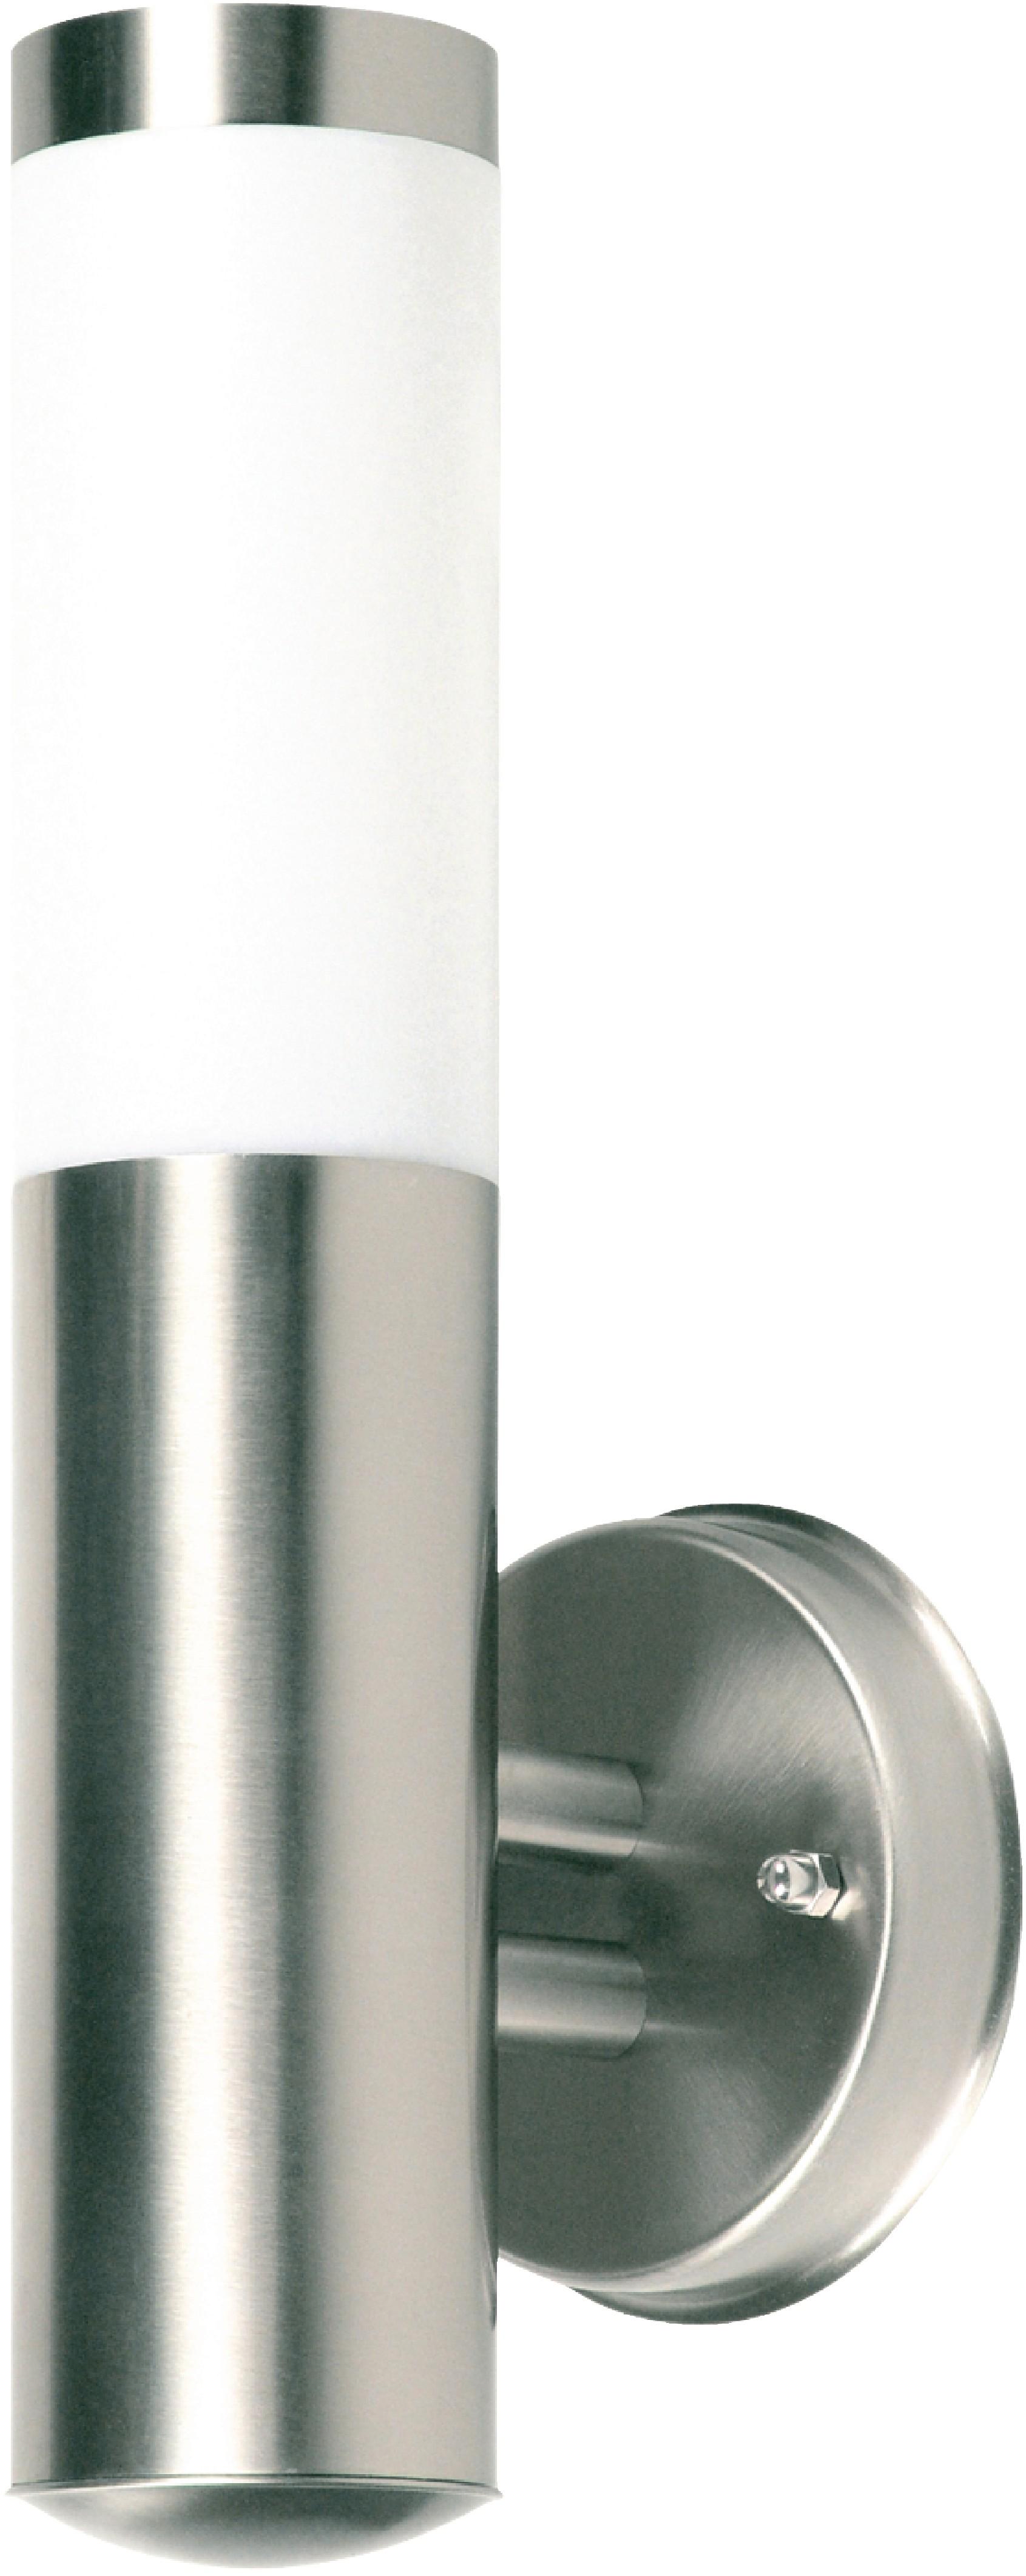 Venkovní nástěnné svítidlo E27 Ranex RX1010-38R